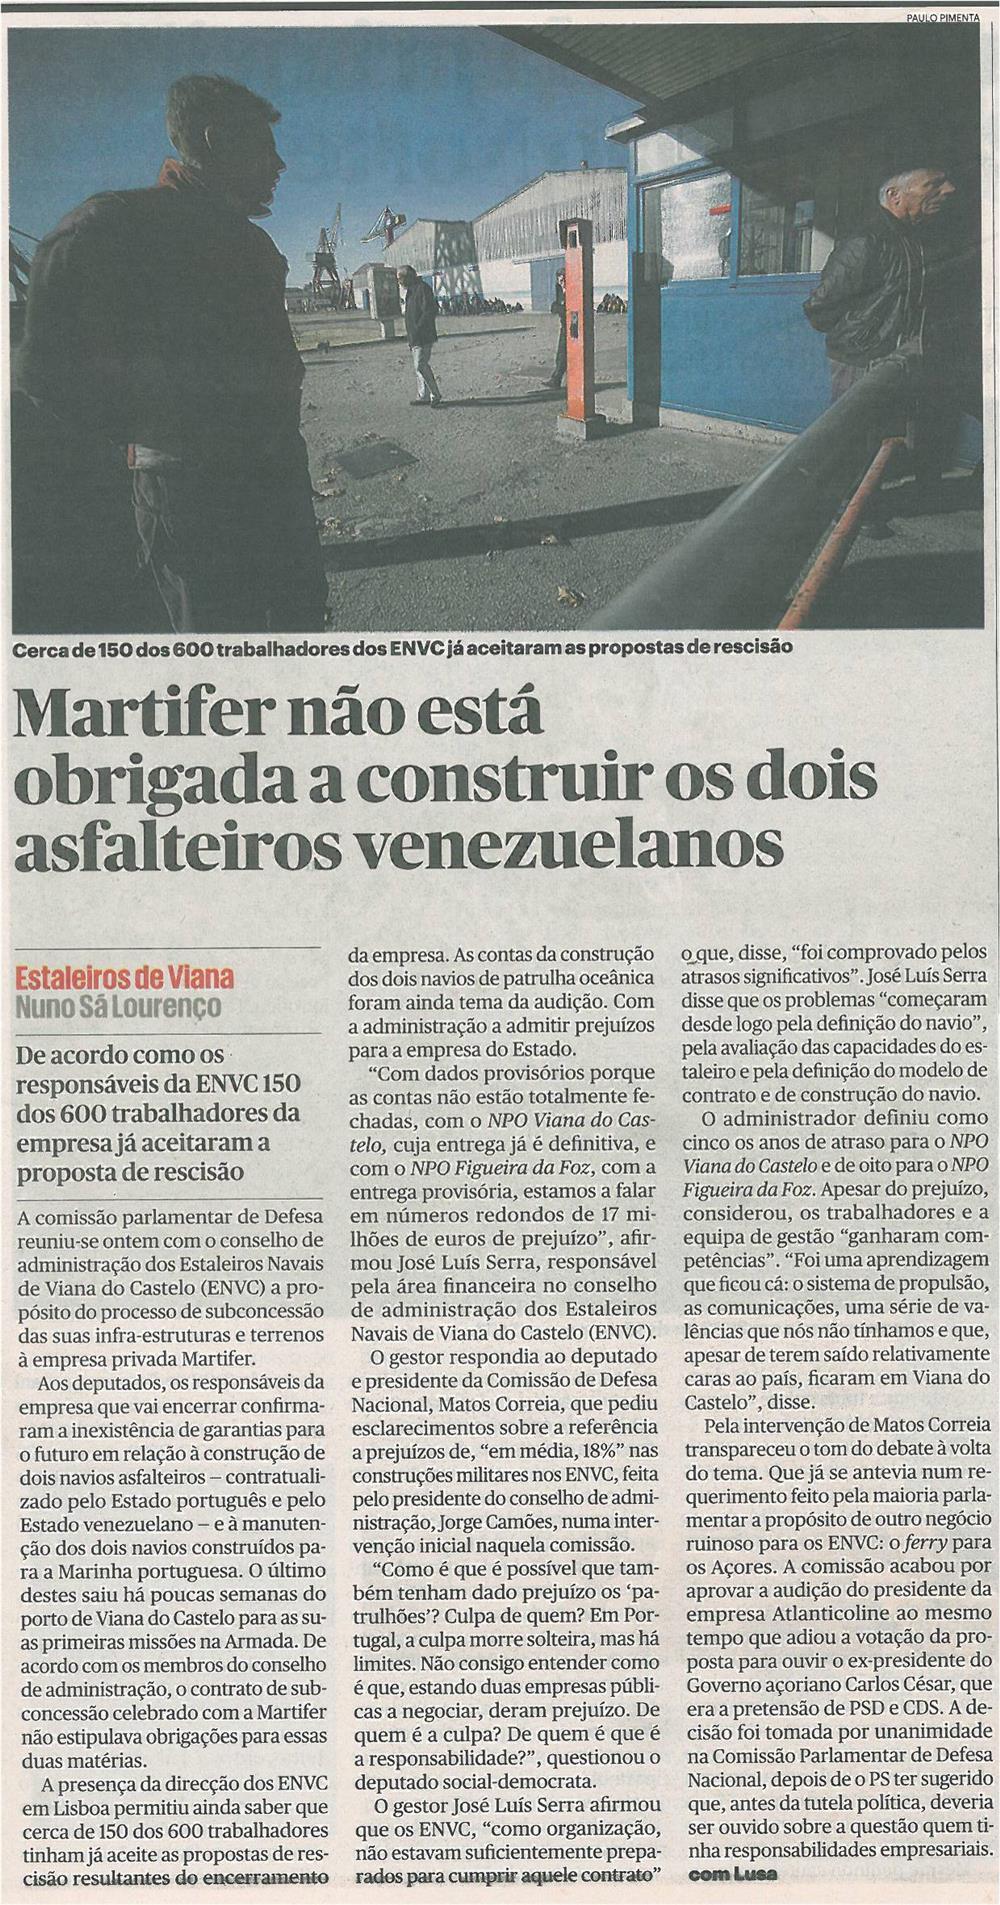 Público-8jan14-p9-Martifer não está obrigada a construir os dois asfalteiros venezuelanos